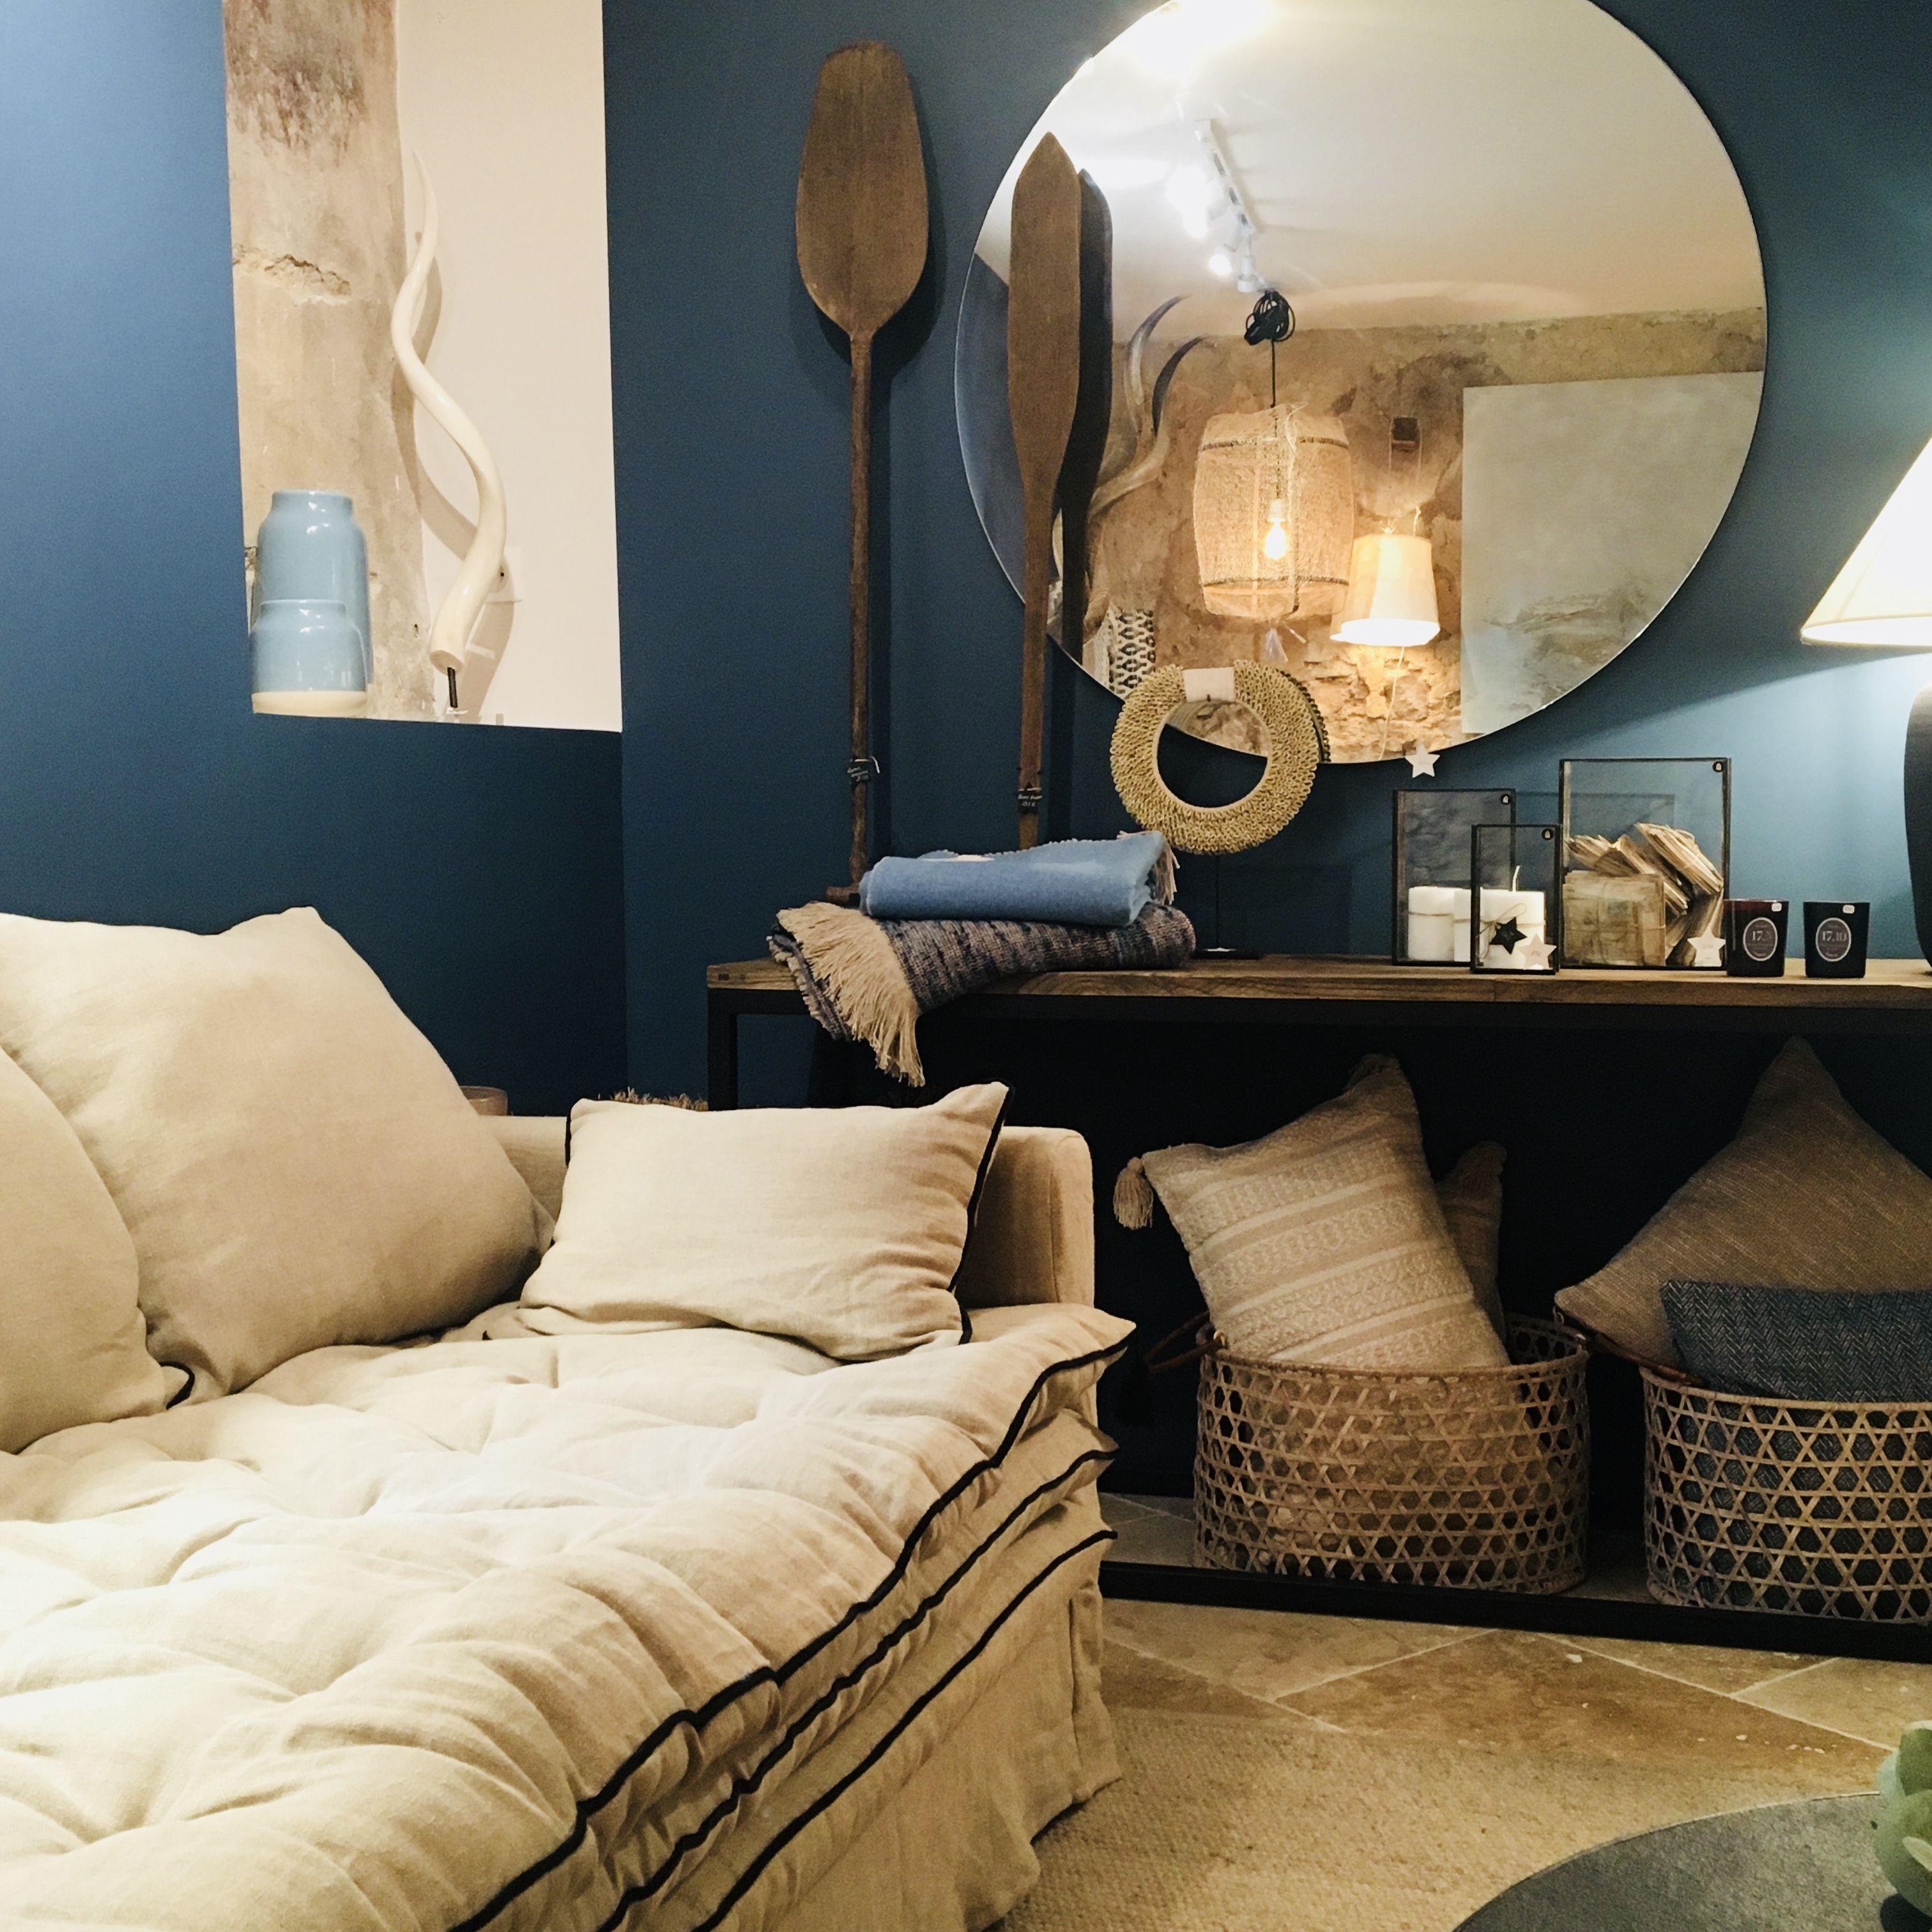 Canape Boheme Sur Mesure En Lin Froisse Beige Ciment Decoration Interieure Idees De Decor Canapes Blancs